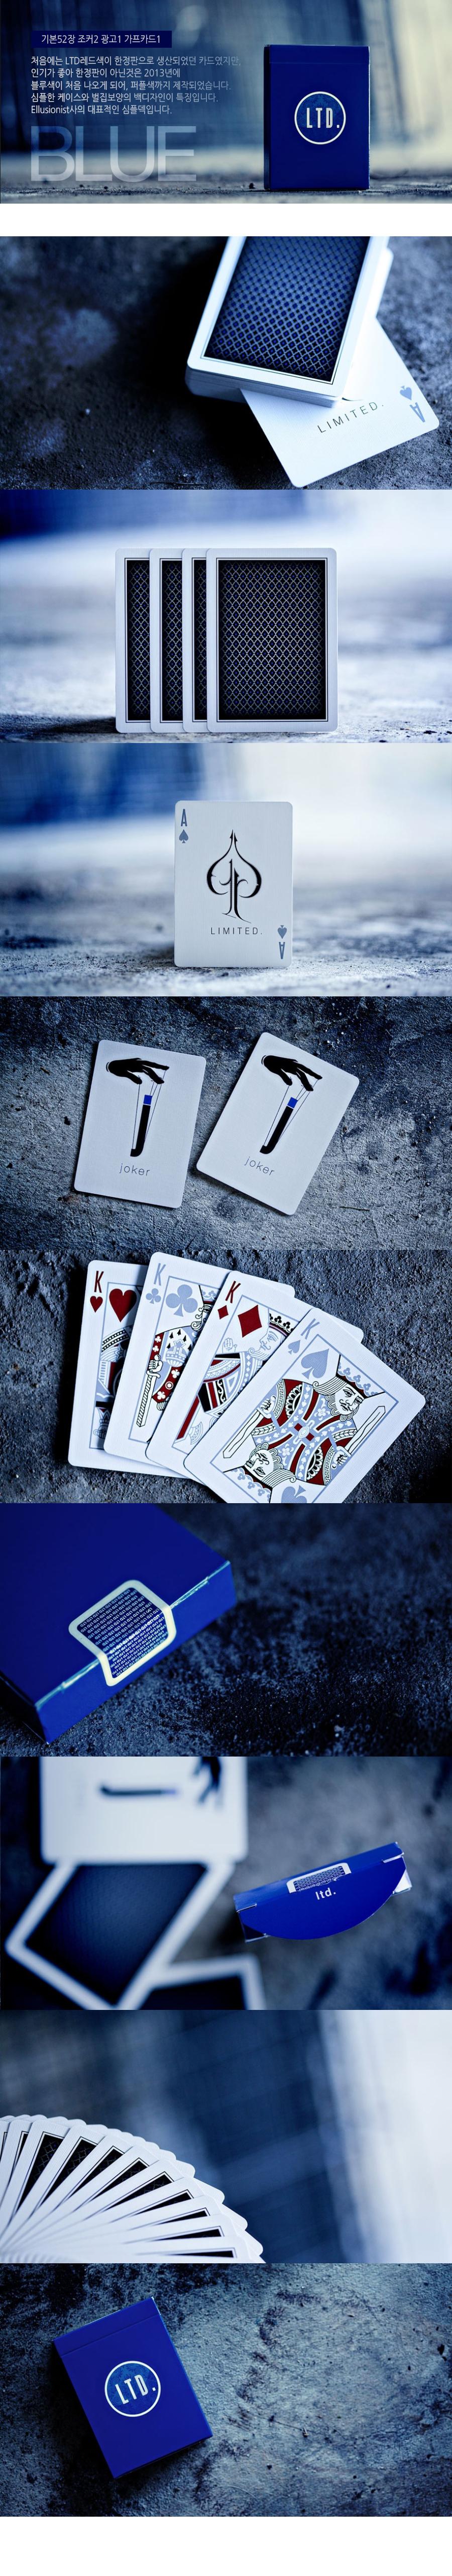 블루LTD덱 - 제이엘, 11,000원, 카드마술, 카드마술